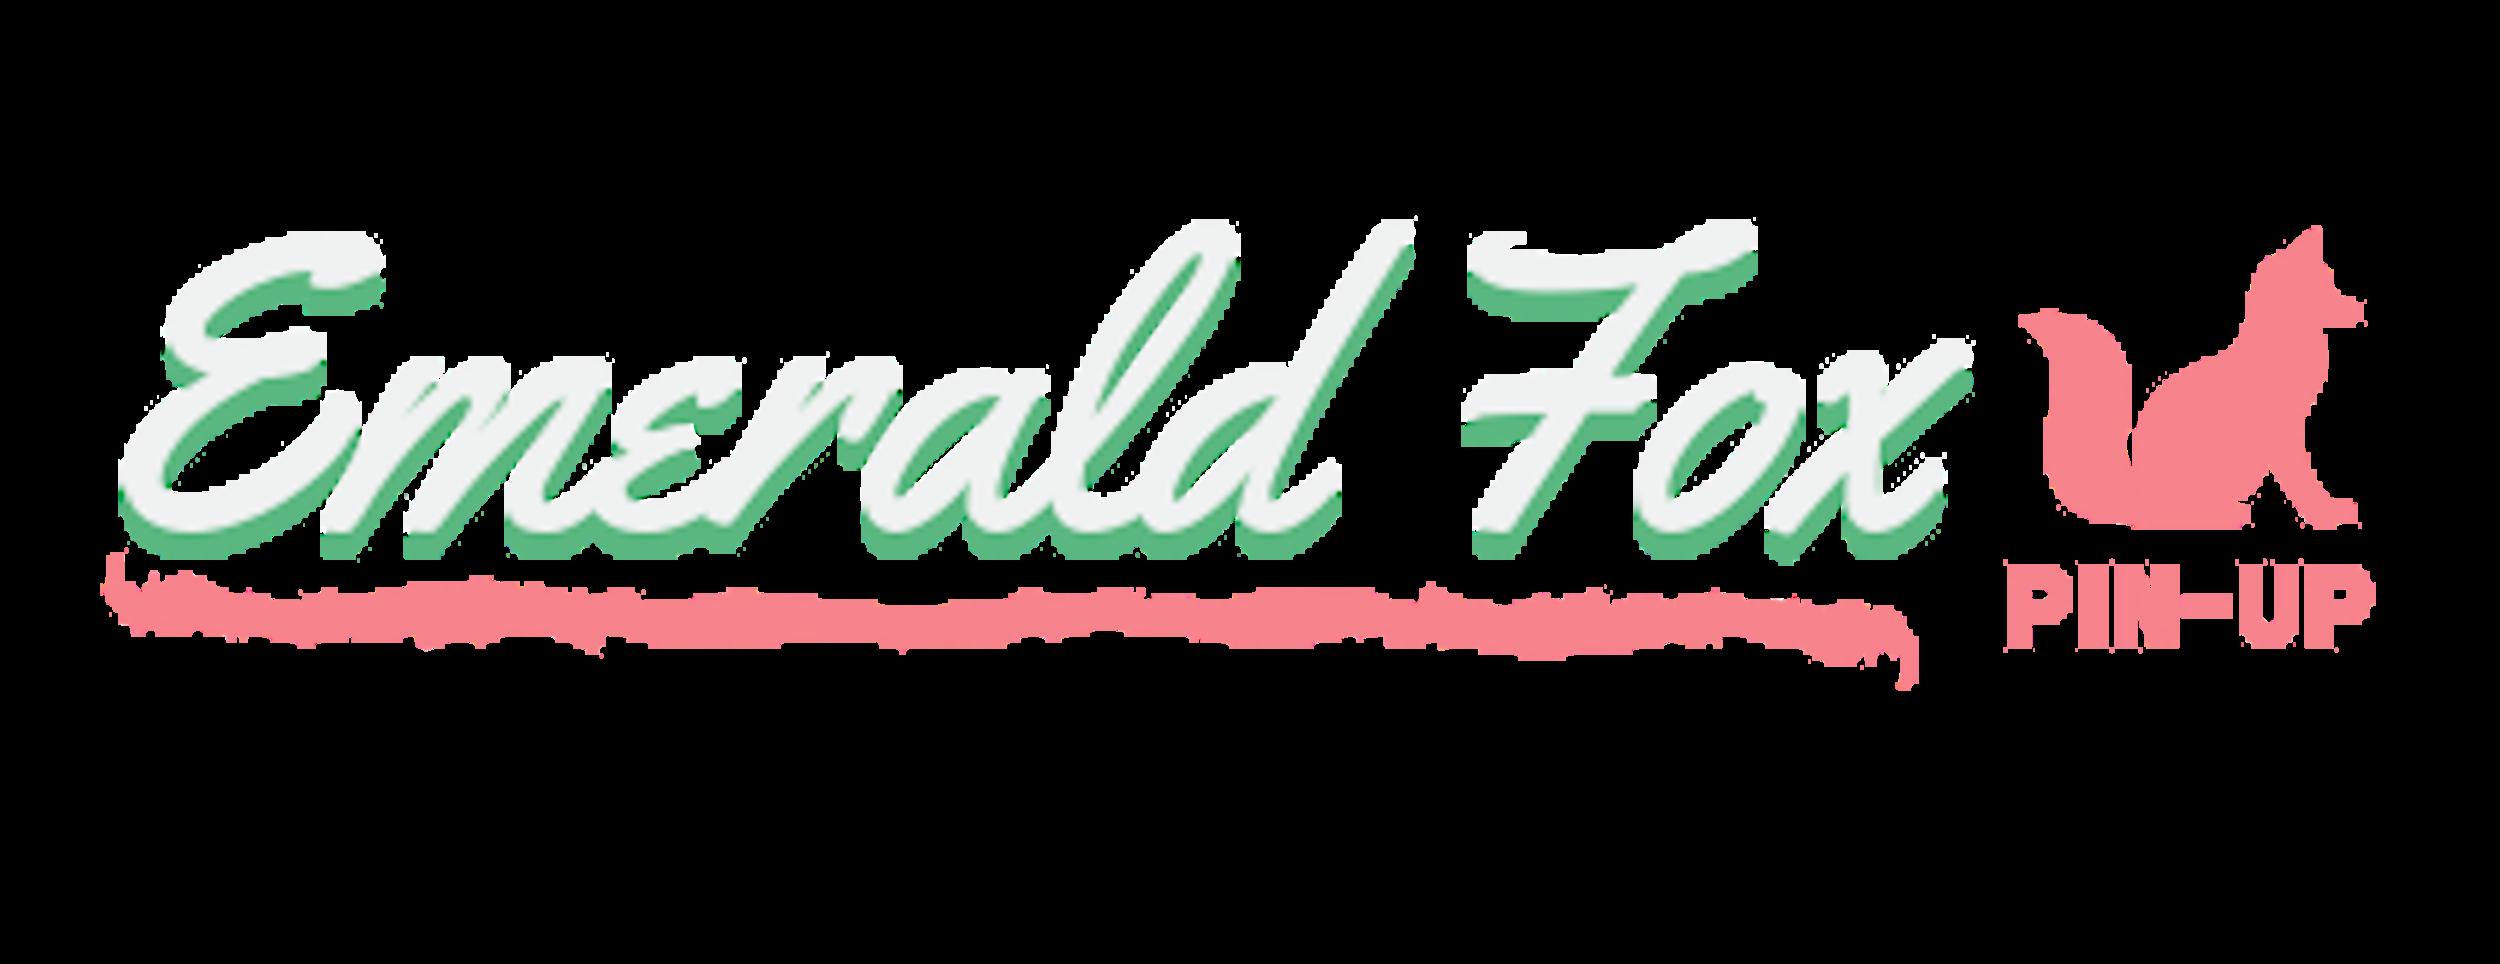 Emerald Fox Pinup Logo Transparent (3500x3500pixels) copy.png